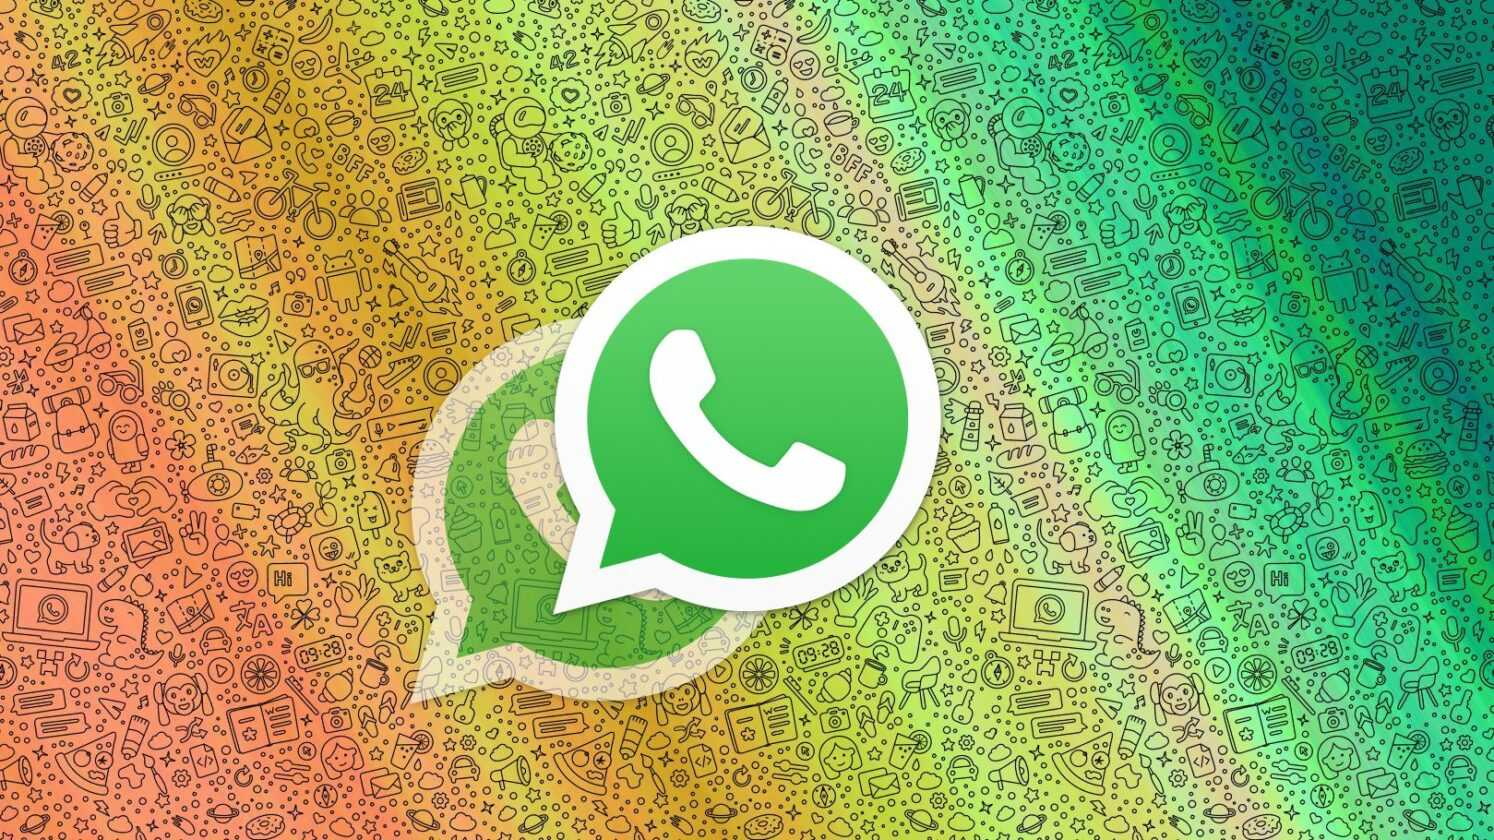 Voici Le Copier Coller De Photos Sur Whatsapp: Comment ça Marche